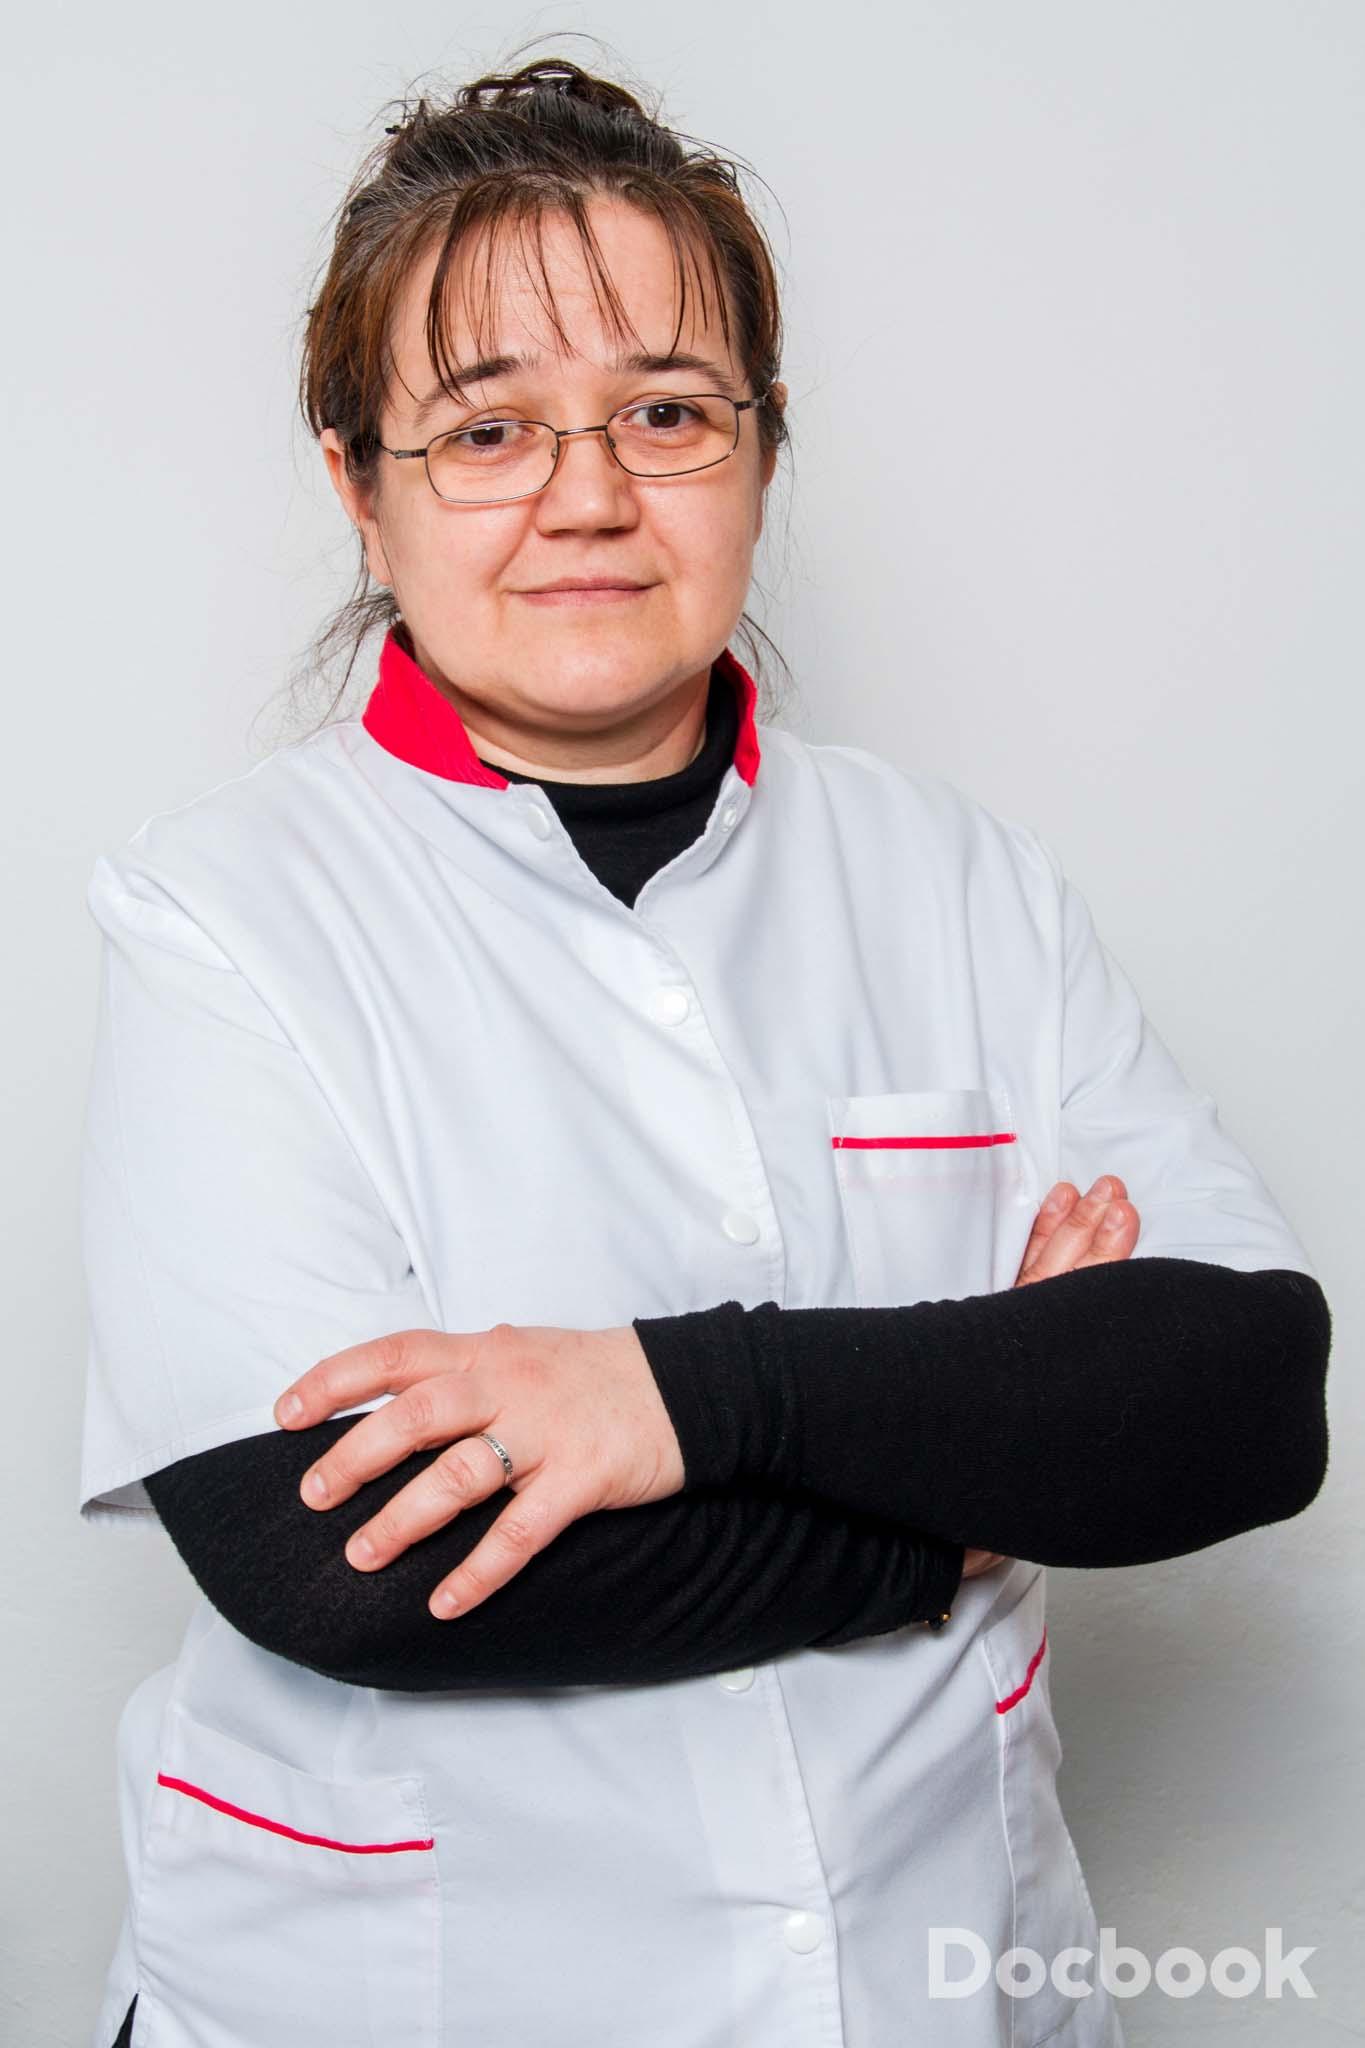 Dr. Luminita Teodorescu